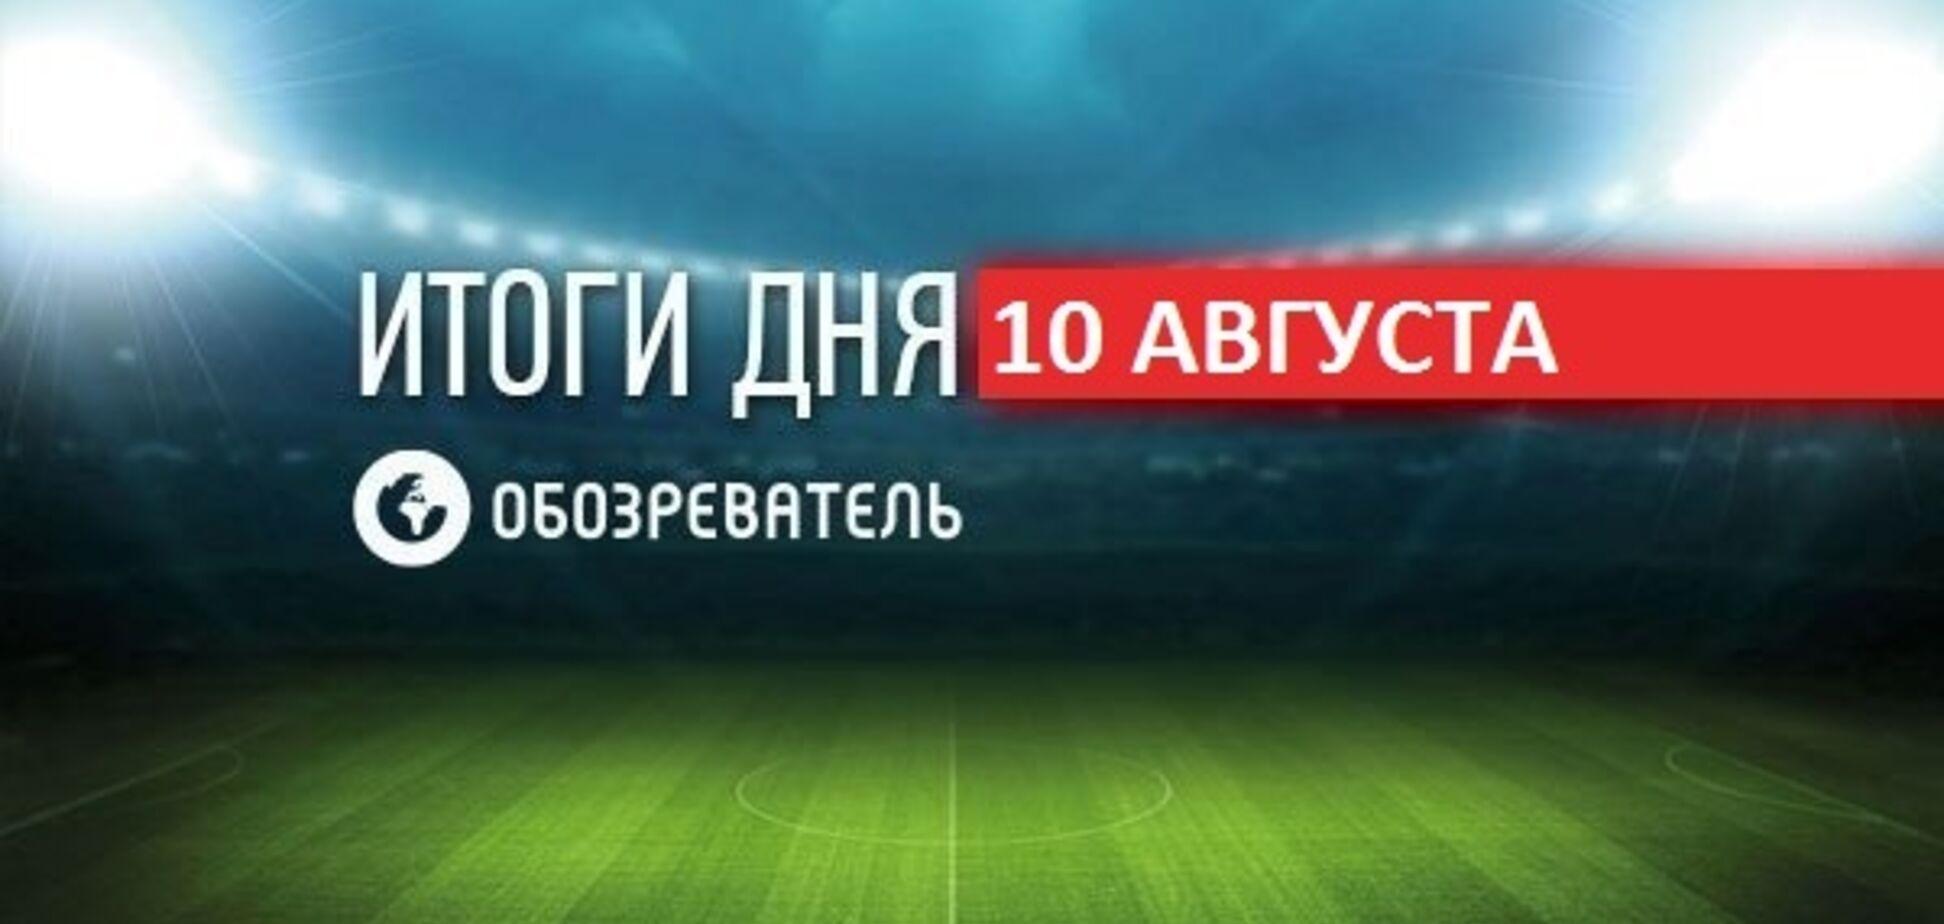 Футболіст збірної України заразився COVID-19: спортивні підсумки 10 серпня